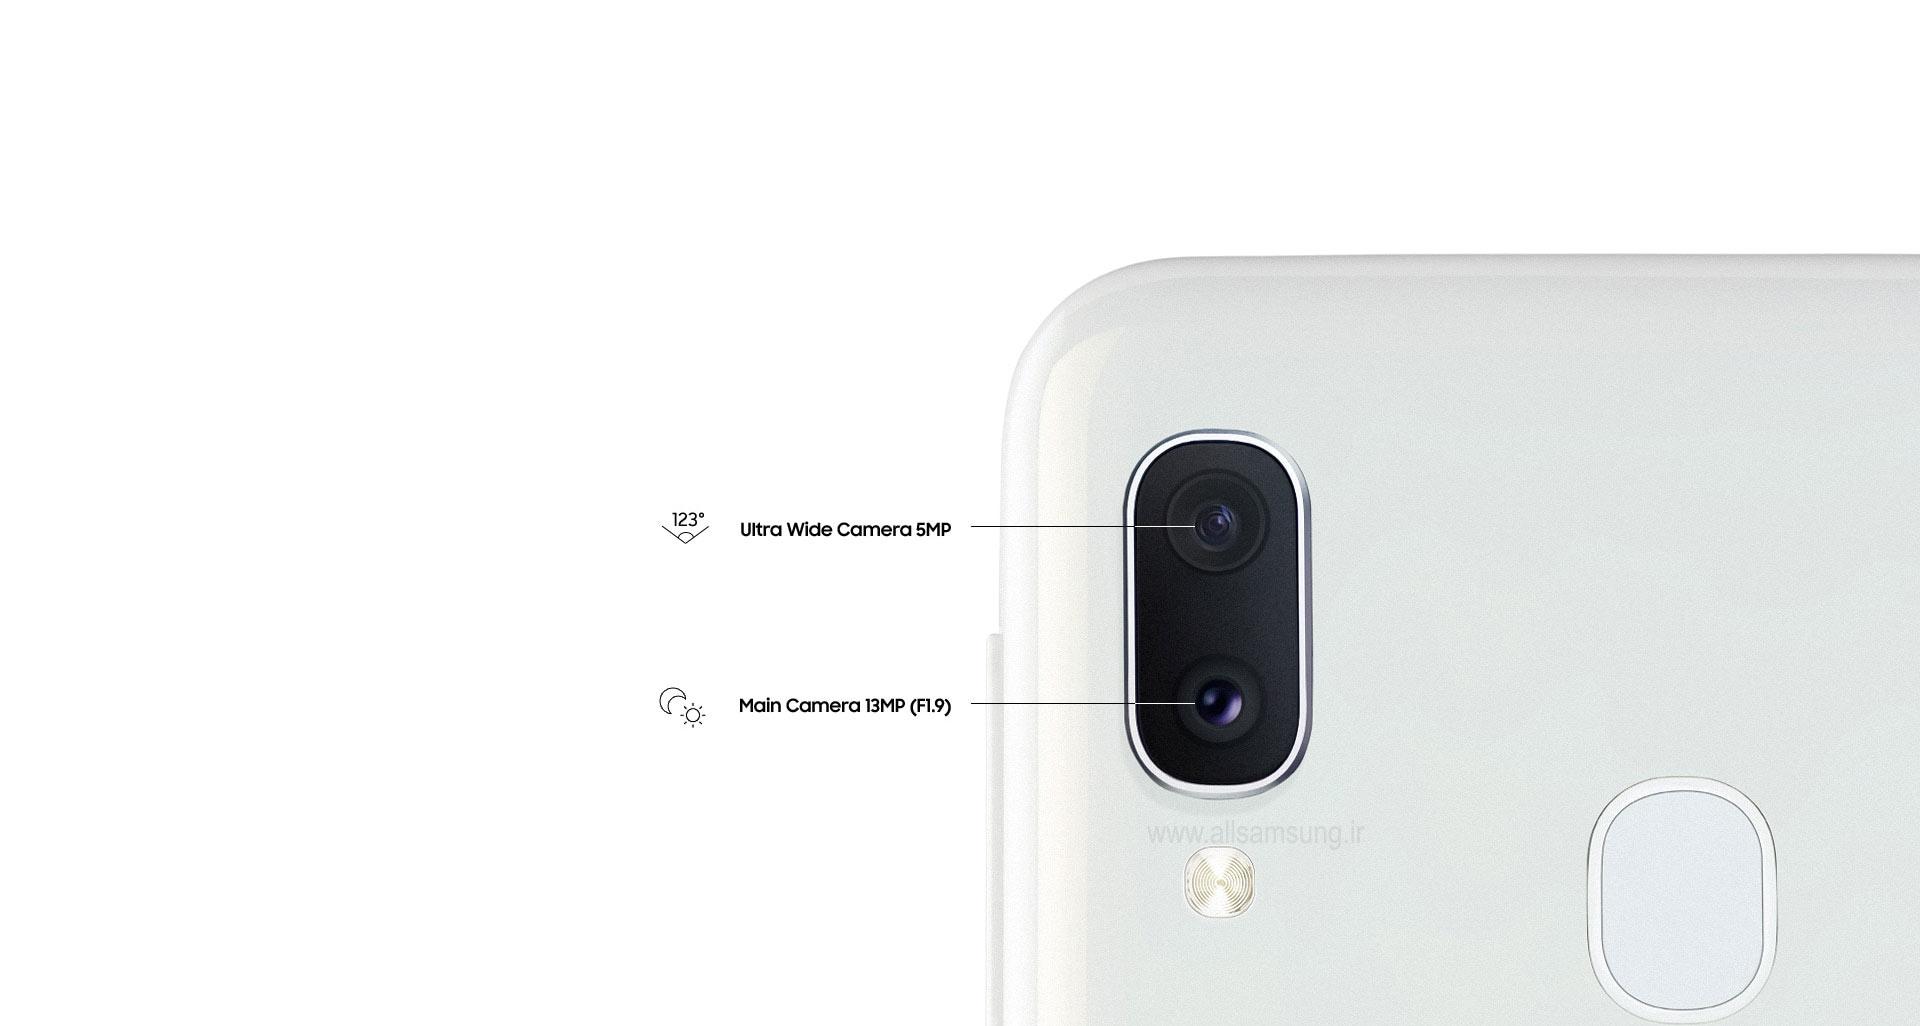 دوربین دوگانه گلکسی A20e برای تناسب بیشتر